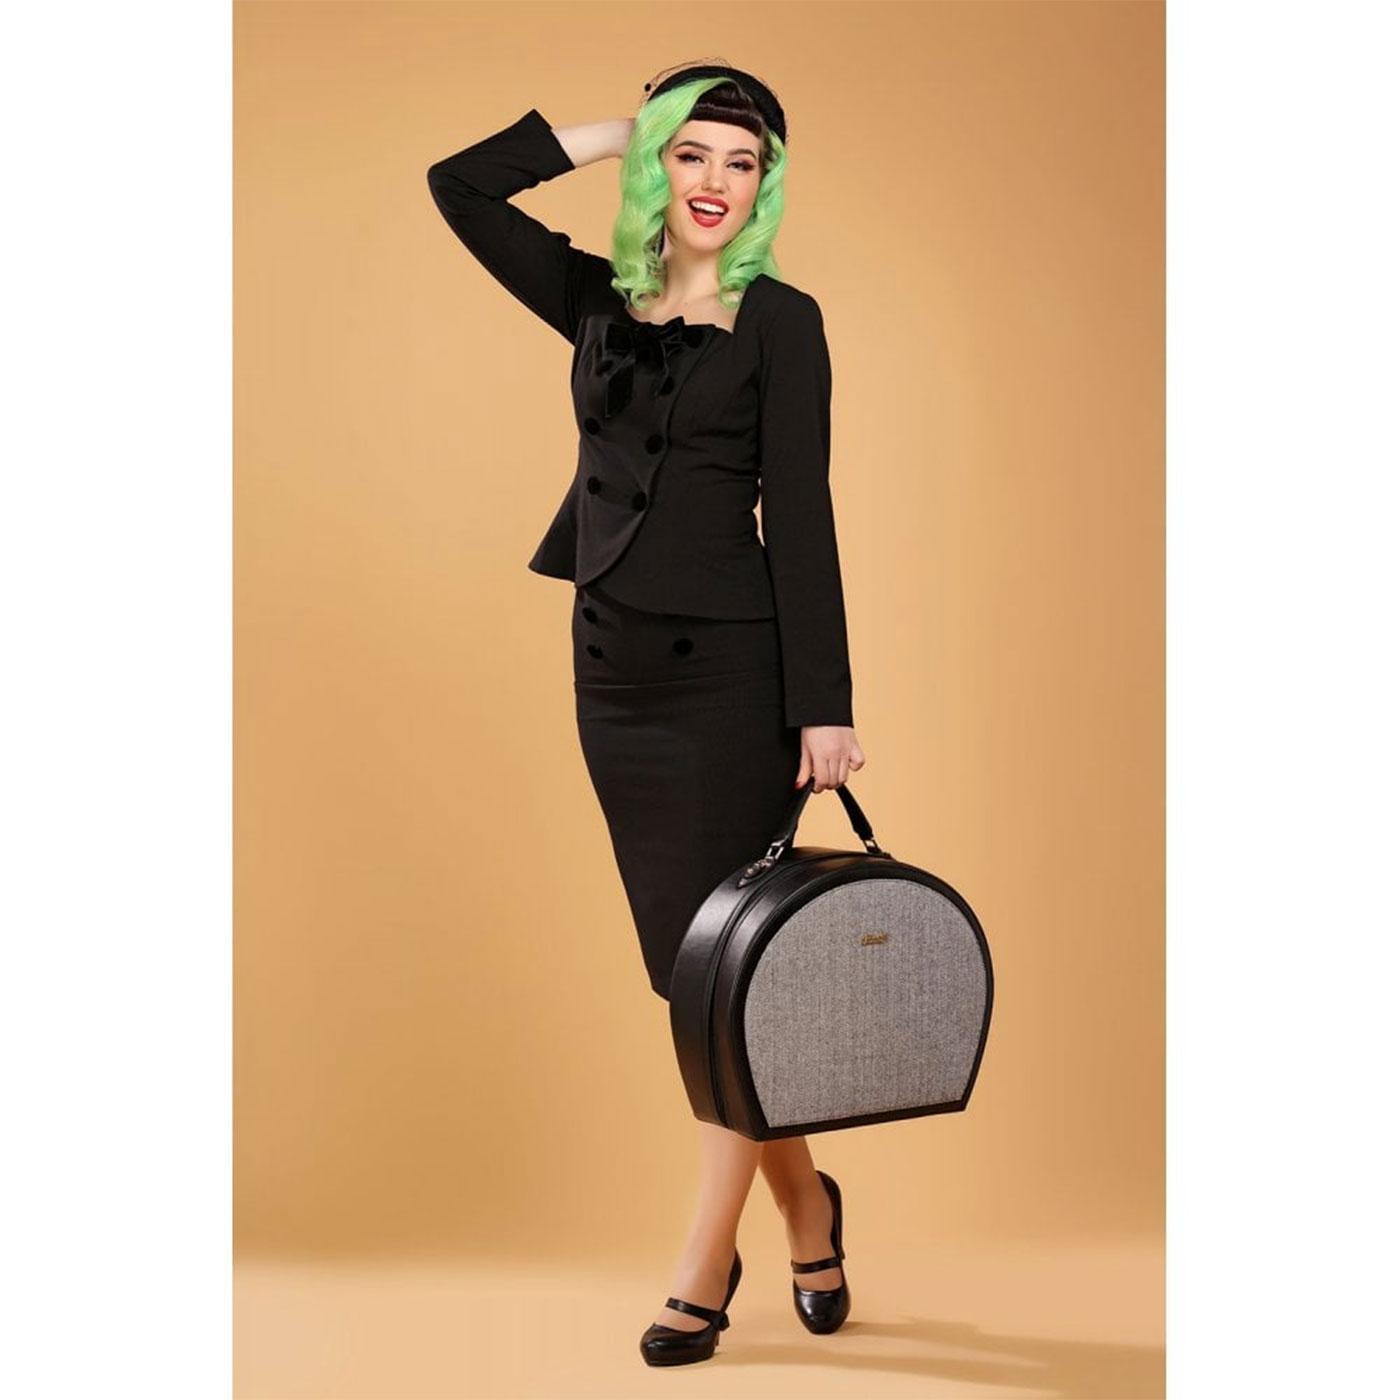 Agatha COLLECTIF Retro 50s Vintage Skirt Suit